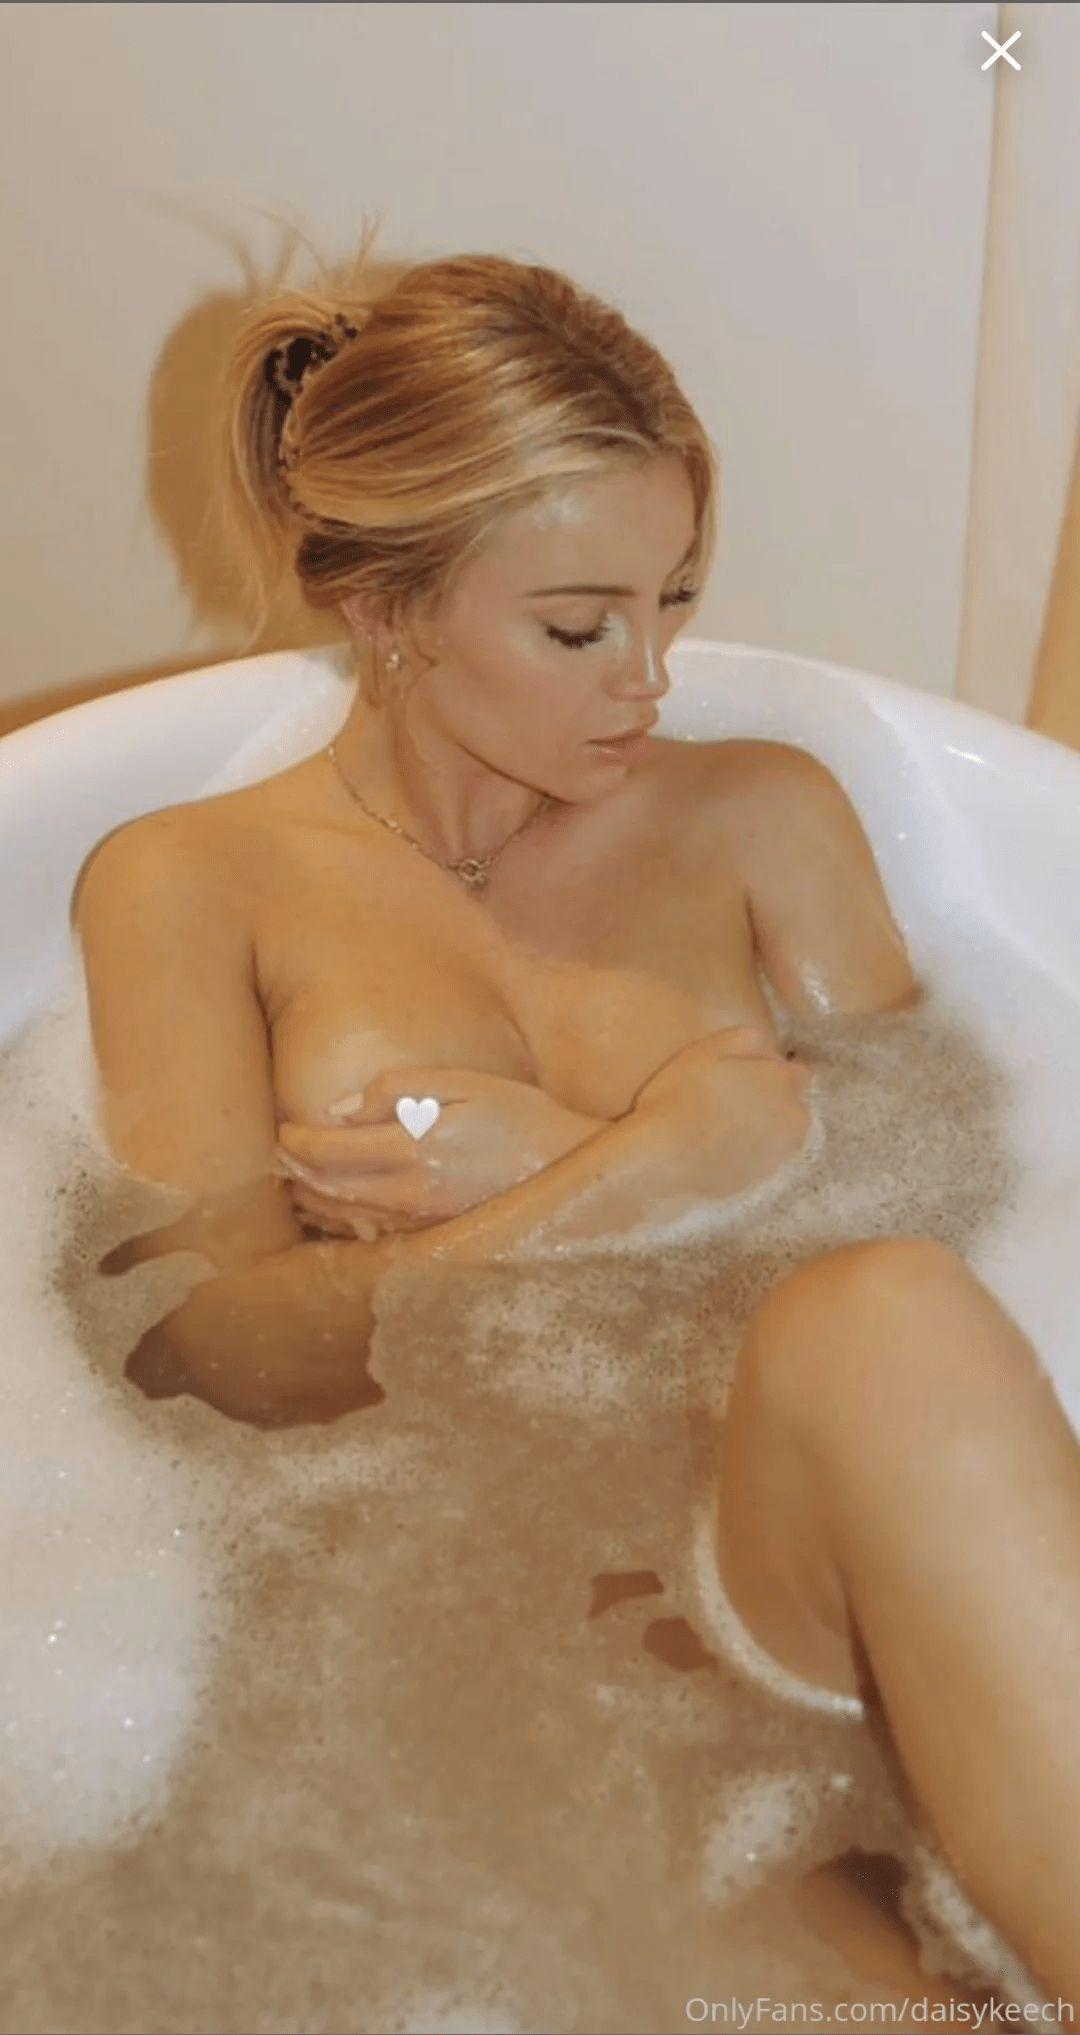 Daisy Keech Nude Bath 0009